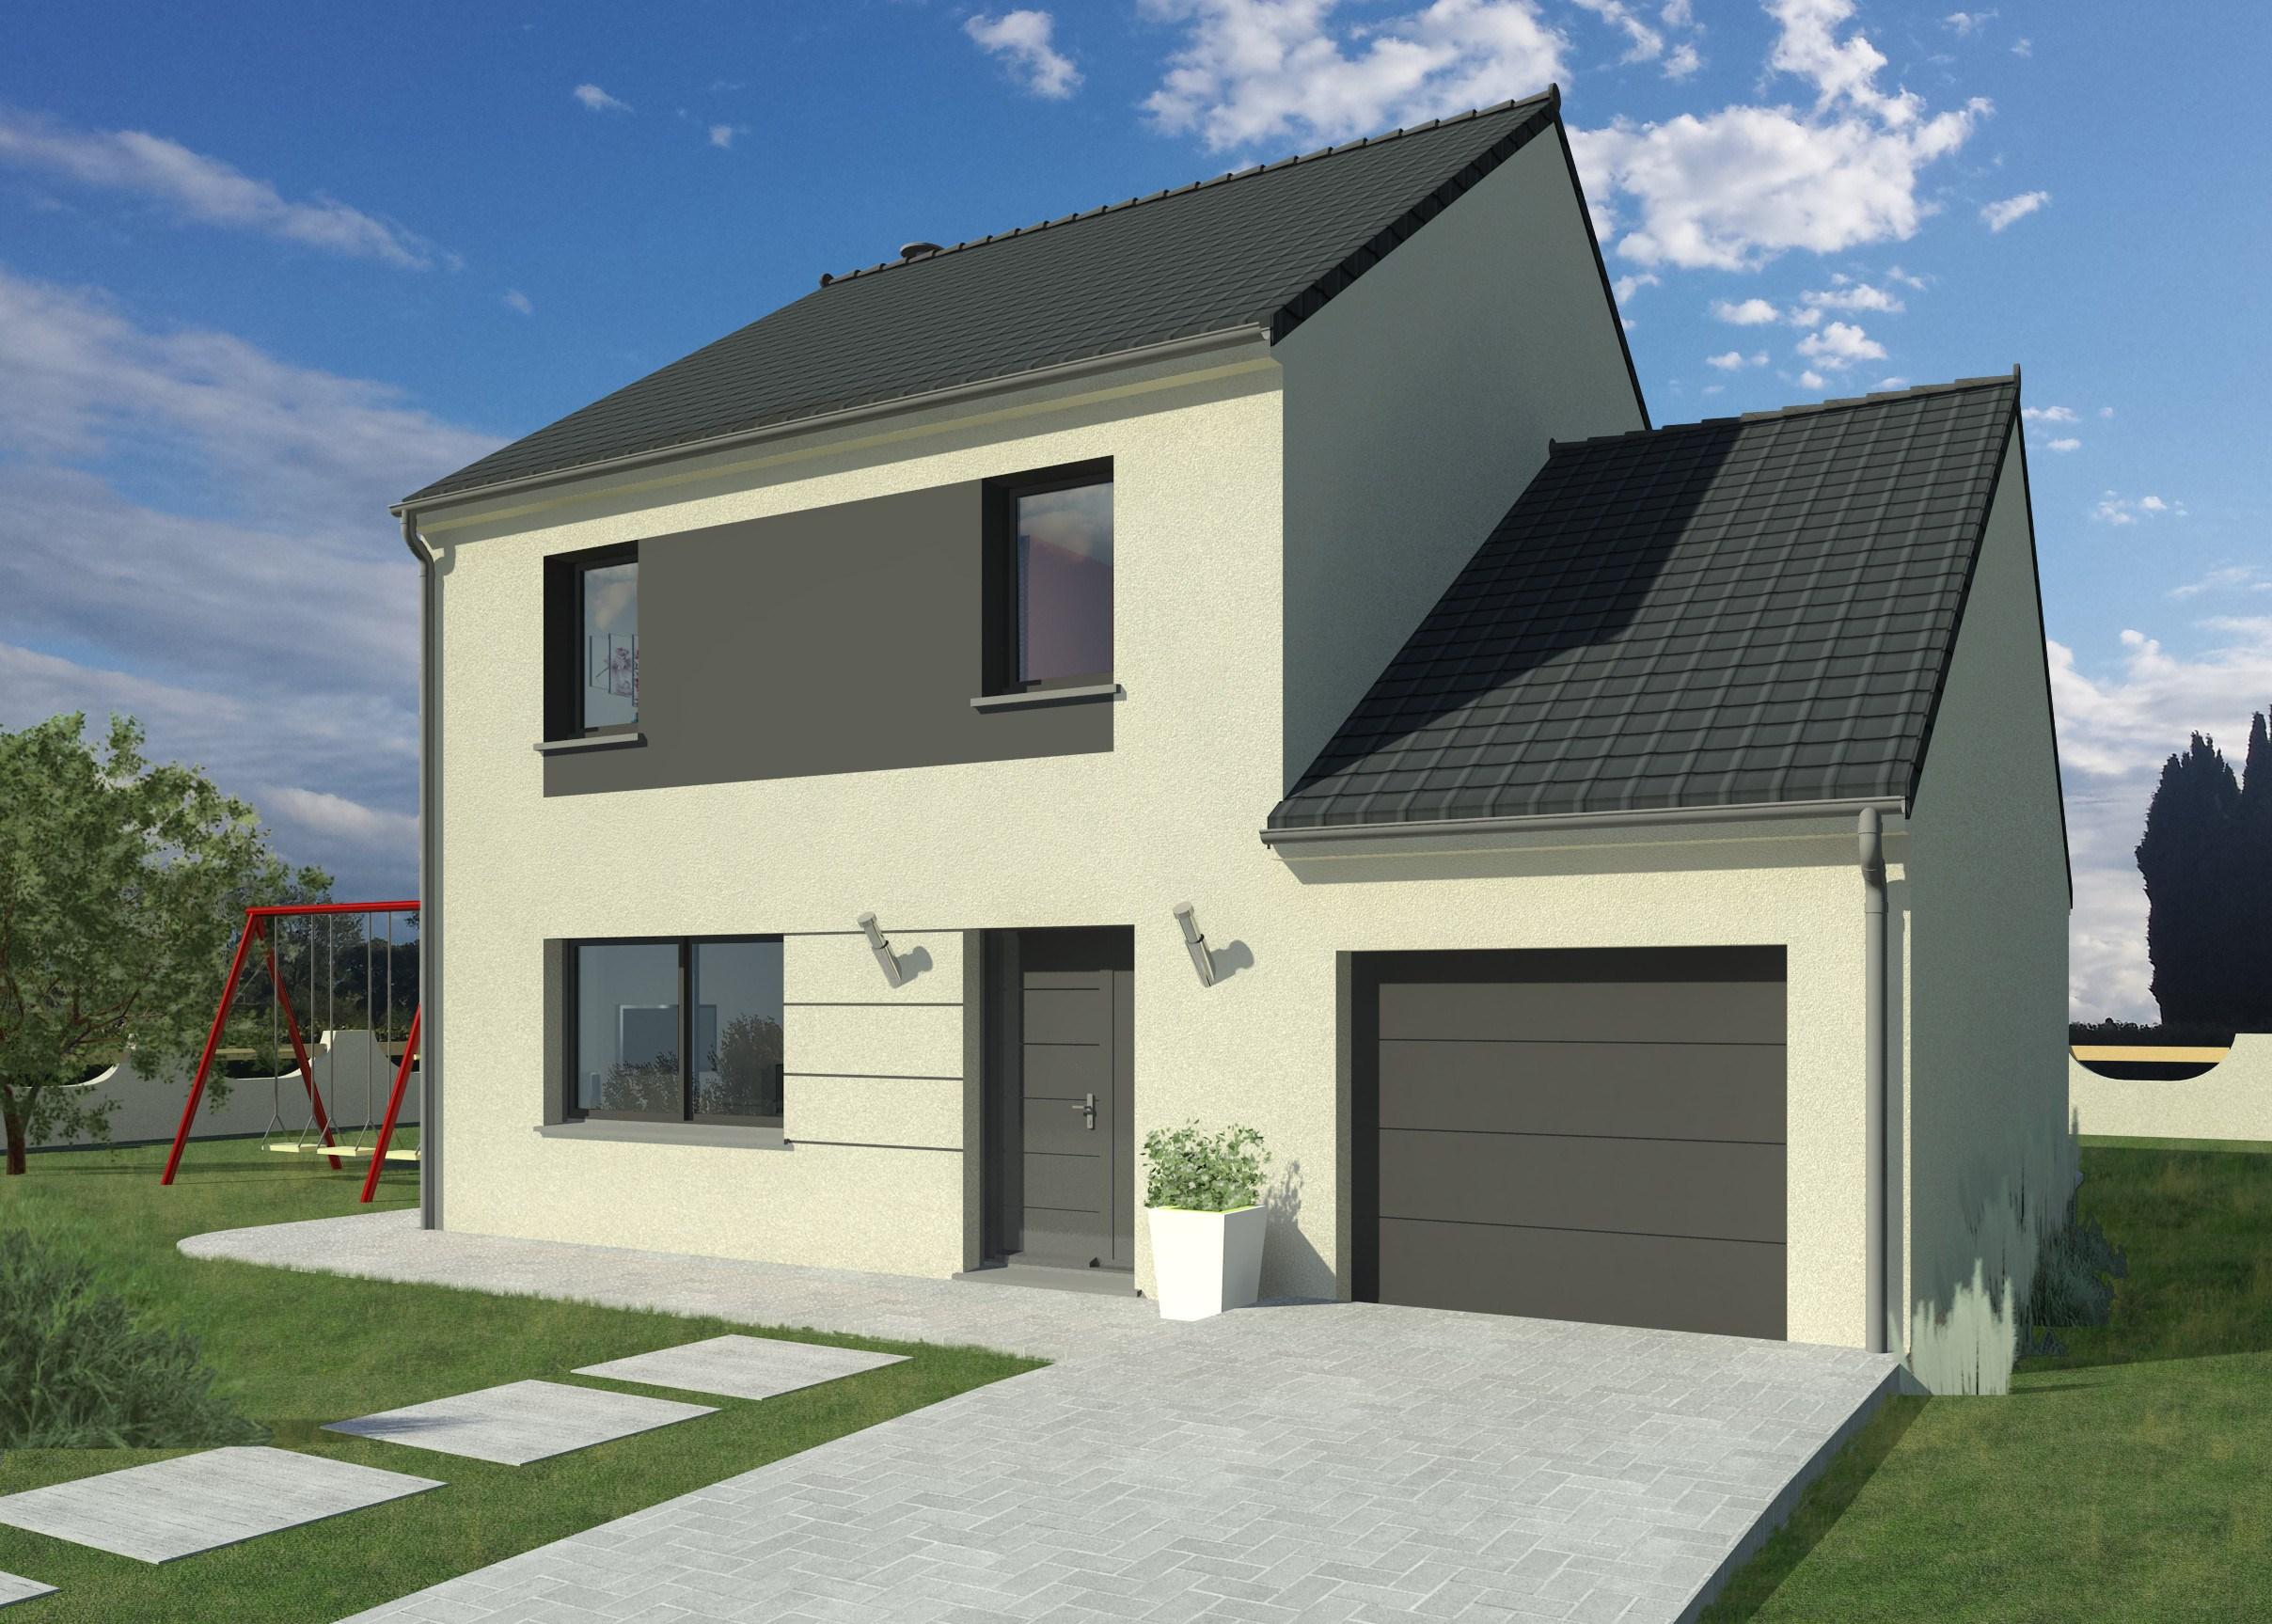 Maisons + Terrains du constructeur MAISON FAMILIALE MAREUIL LES MEAUX • 118 m² • MEAUX